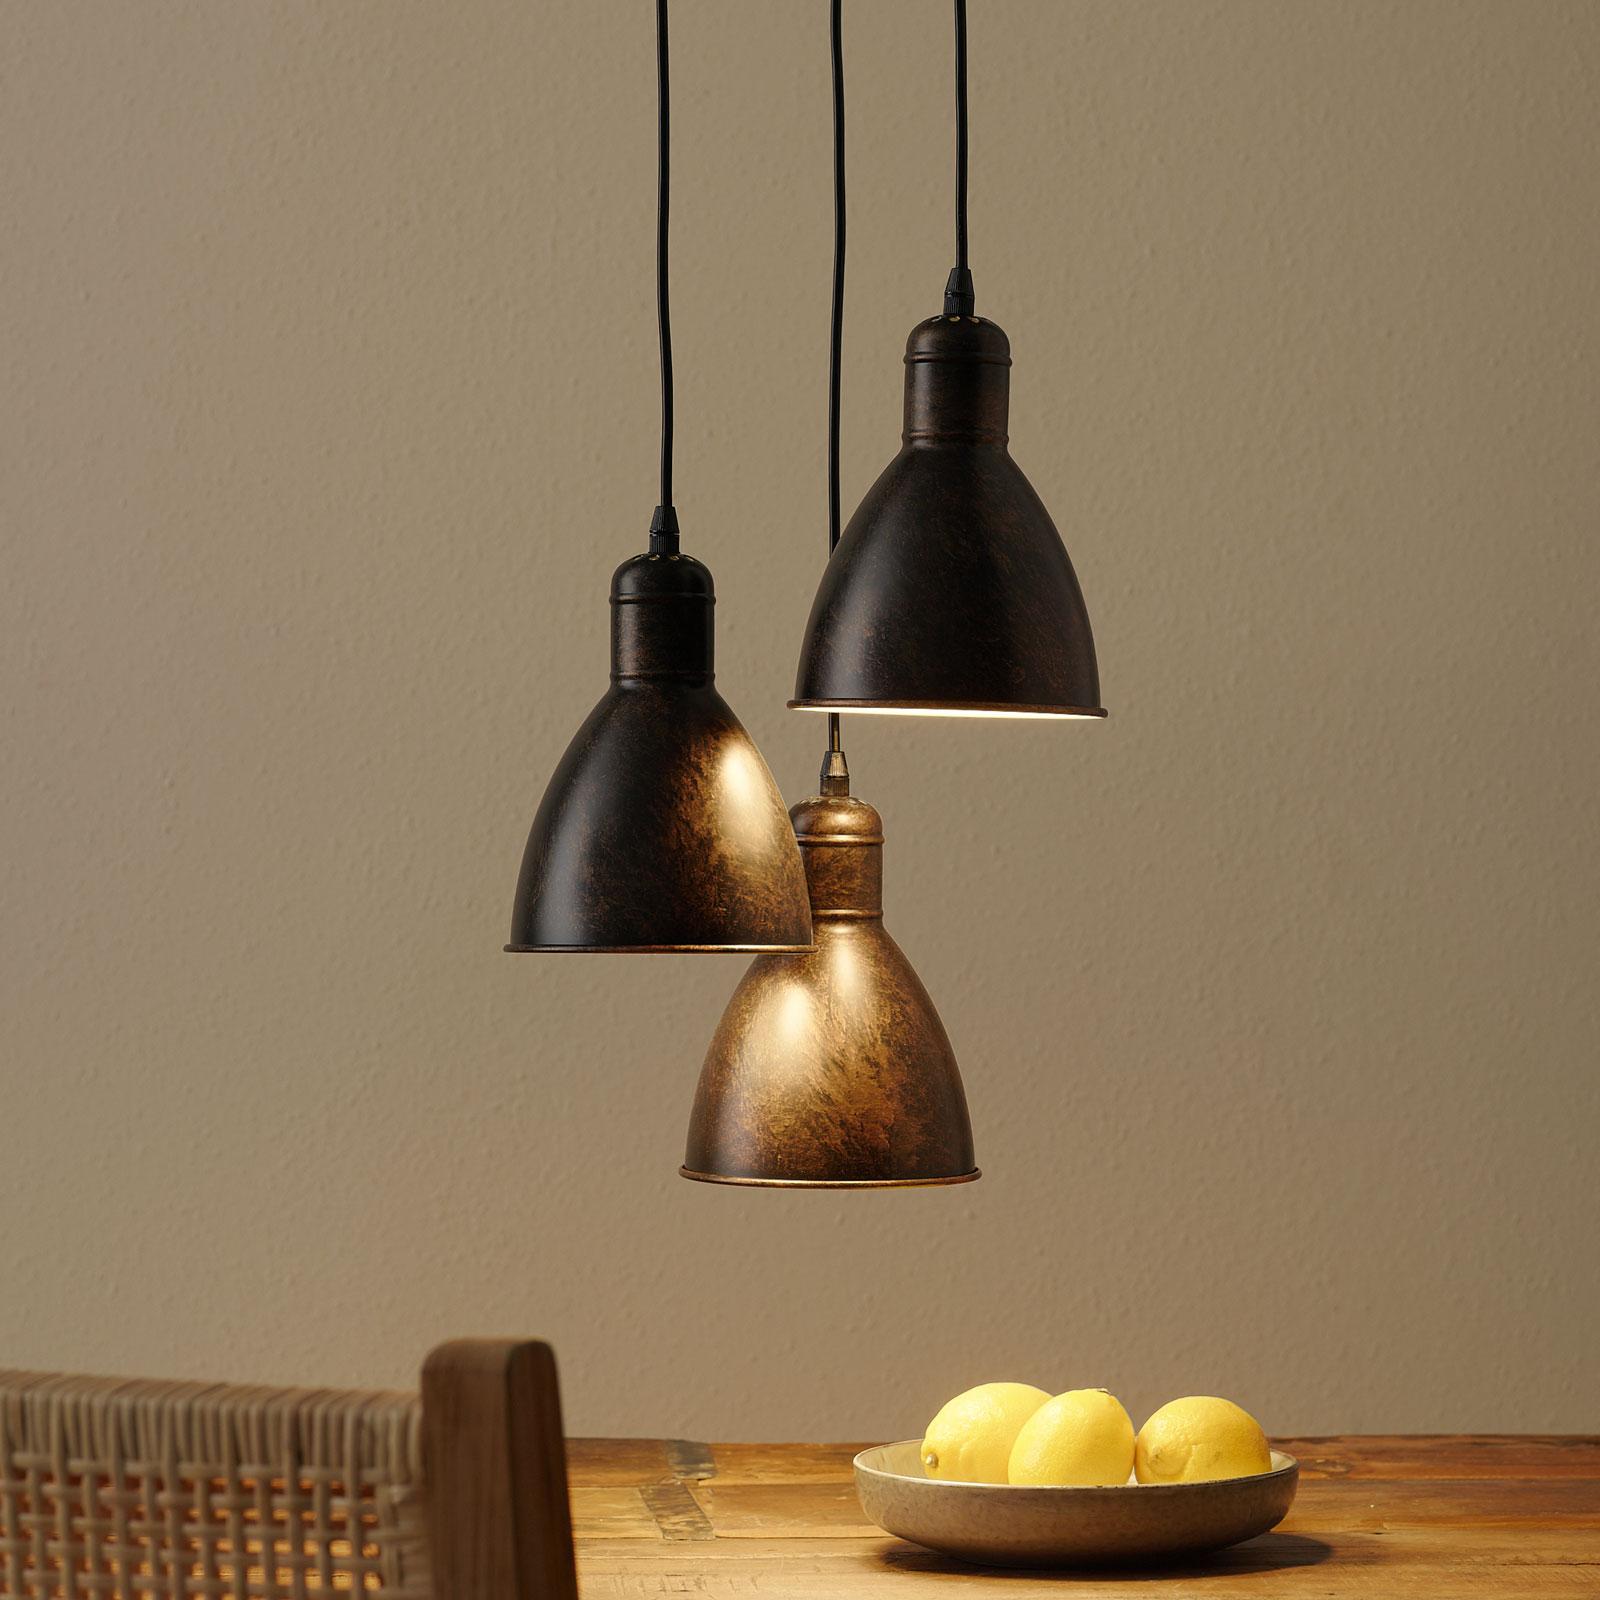 Vintage závesná lampa Priddy 3pl starožitná medená_3031784_1